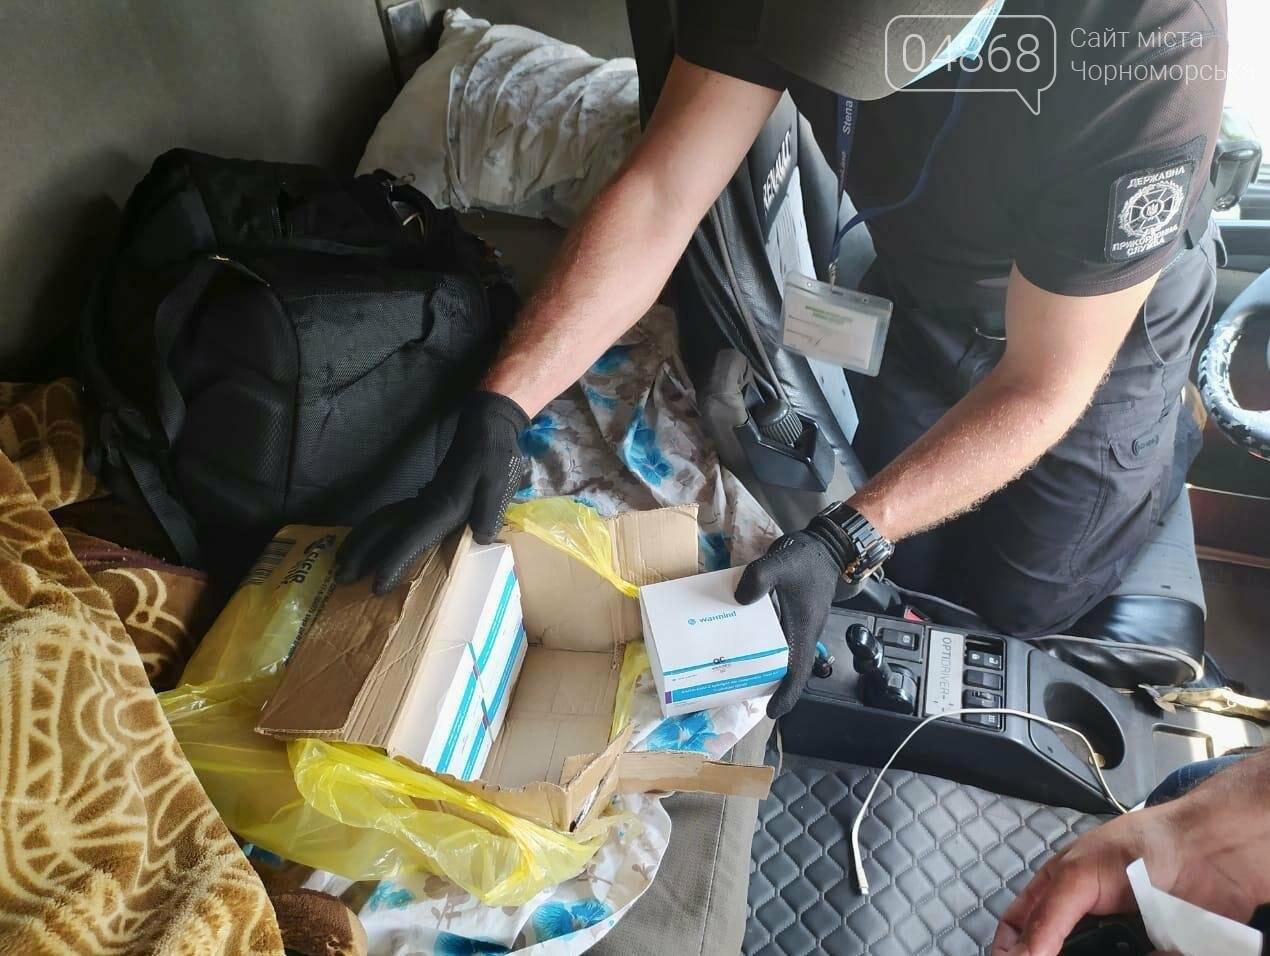 Через Черноморск пытались незаконно провести тесты на COVID-19, фото-3